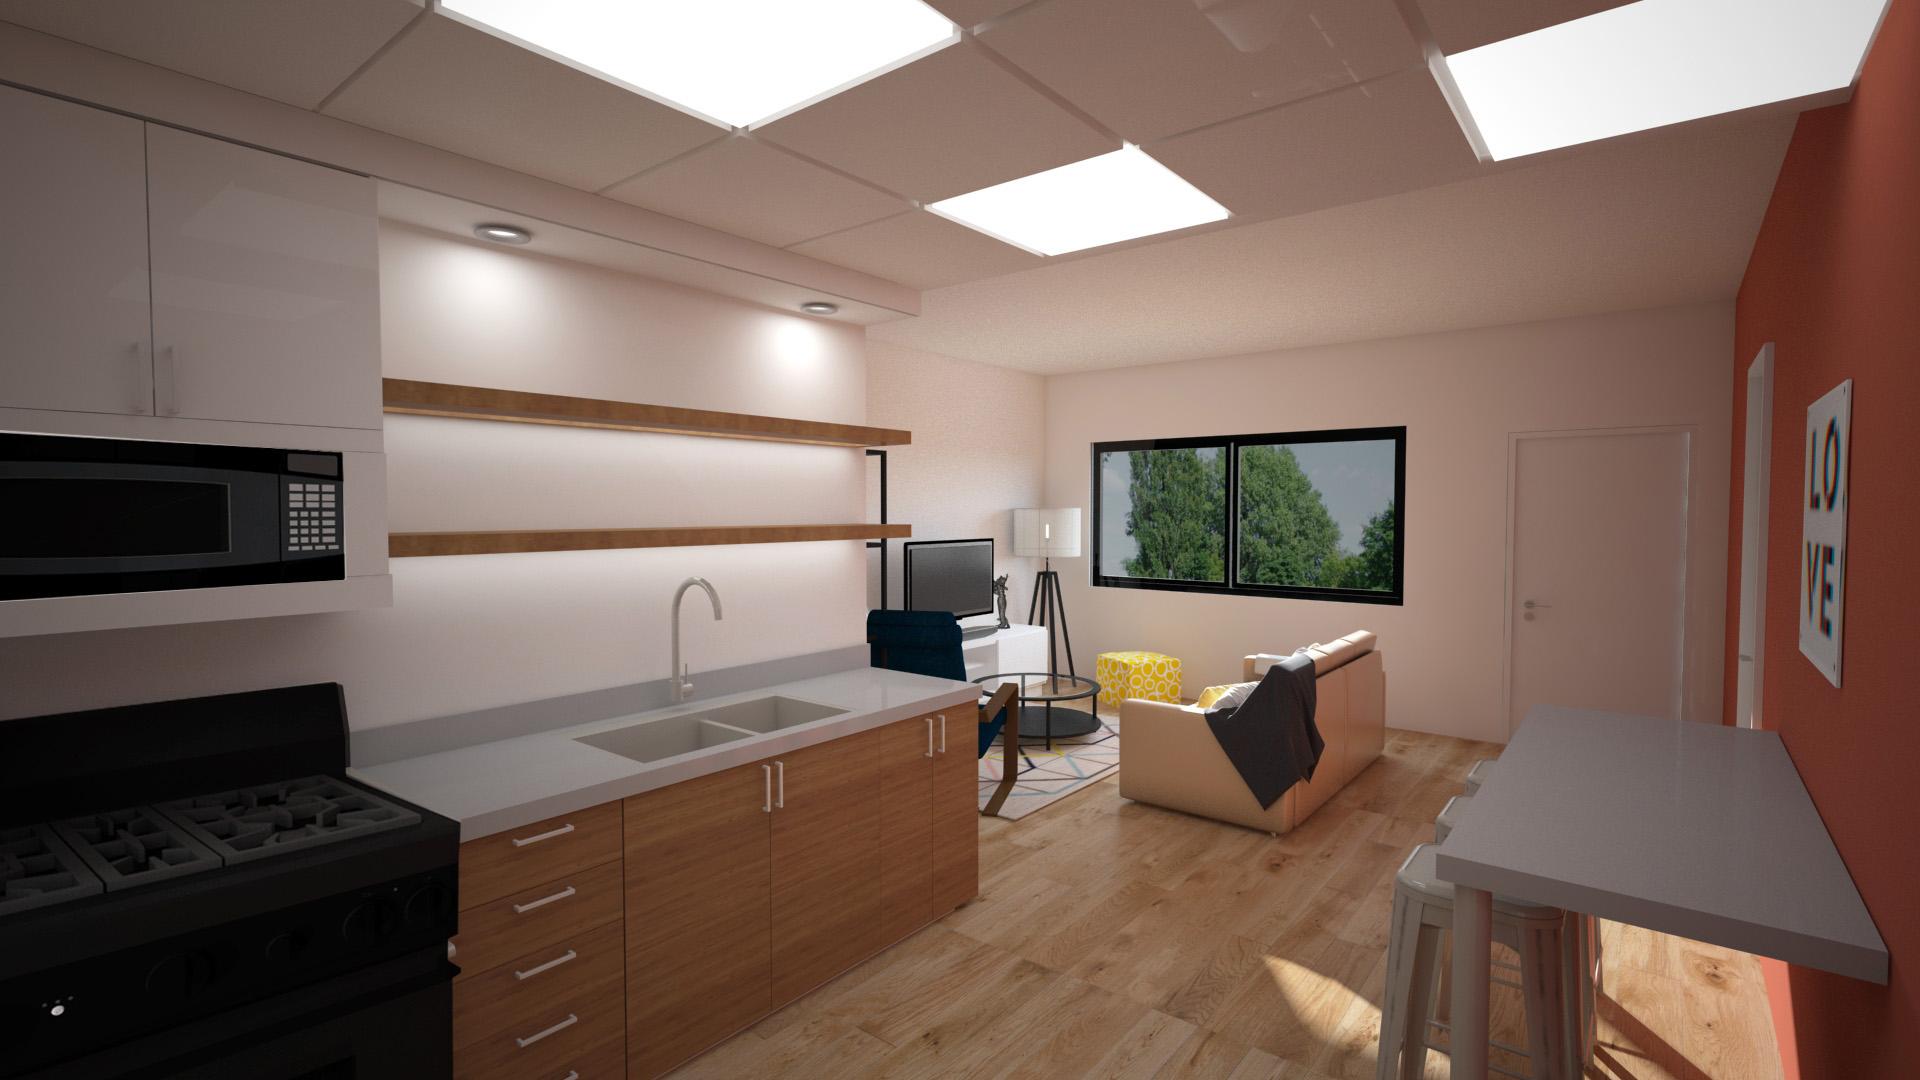 3 bedroom opt 1 A.jpg